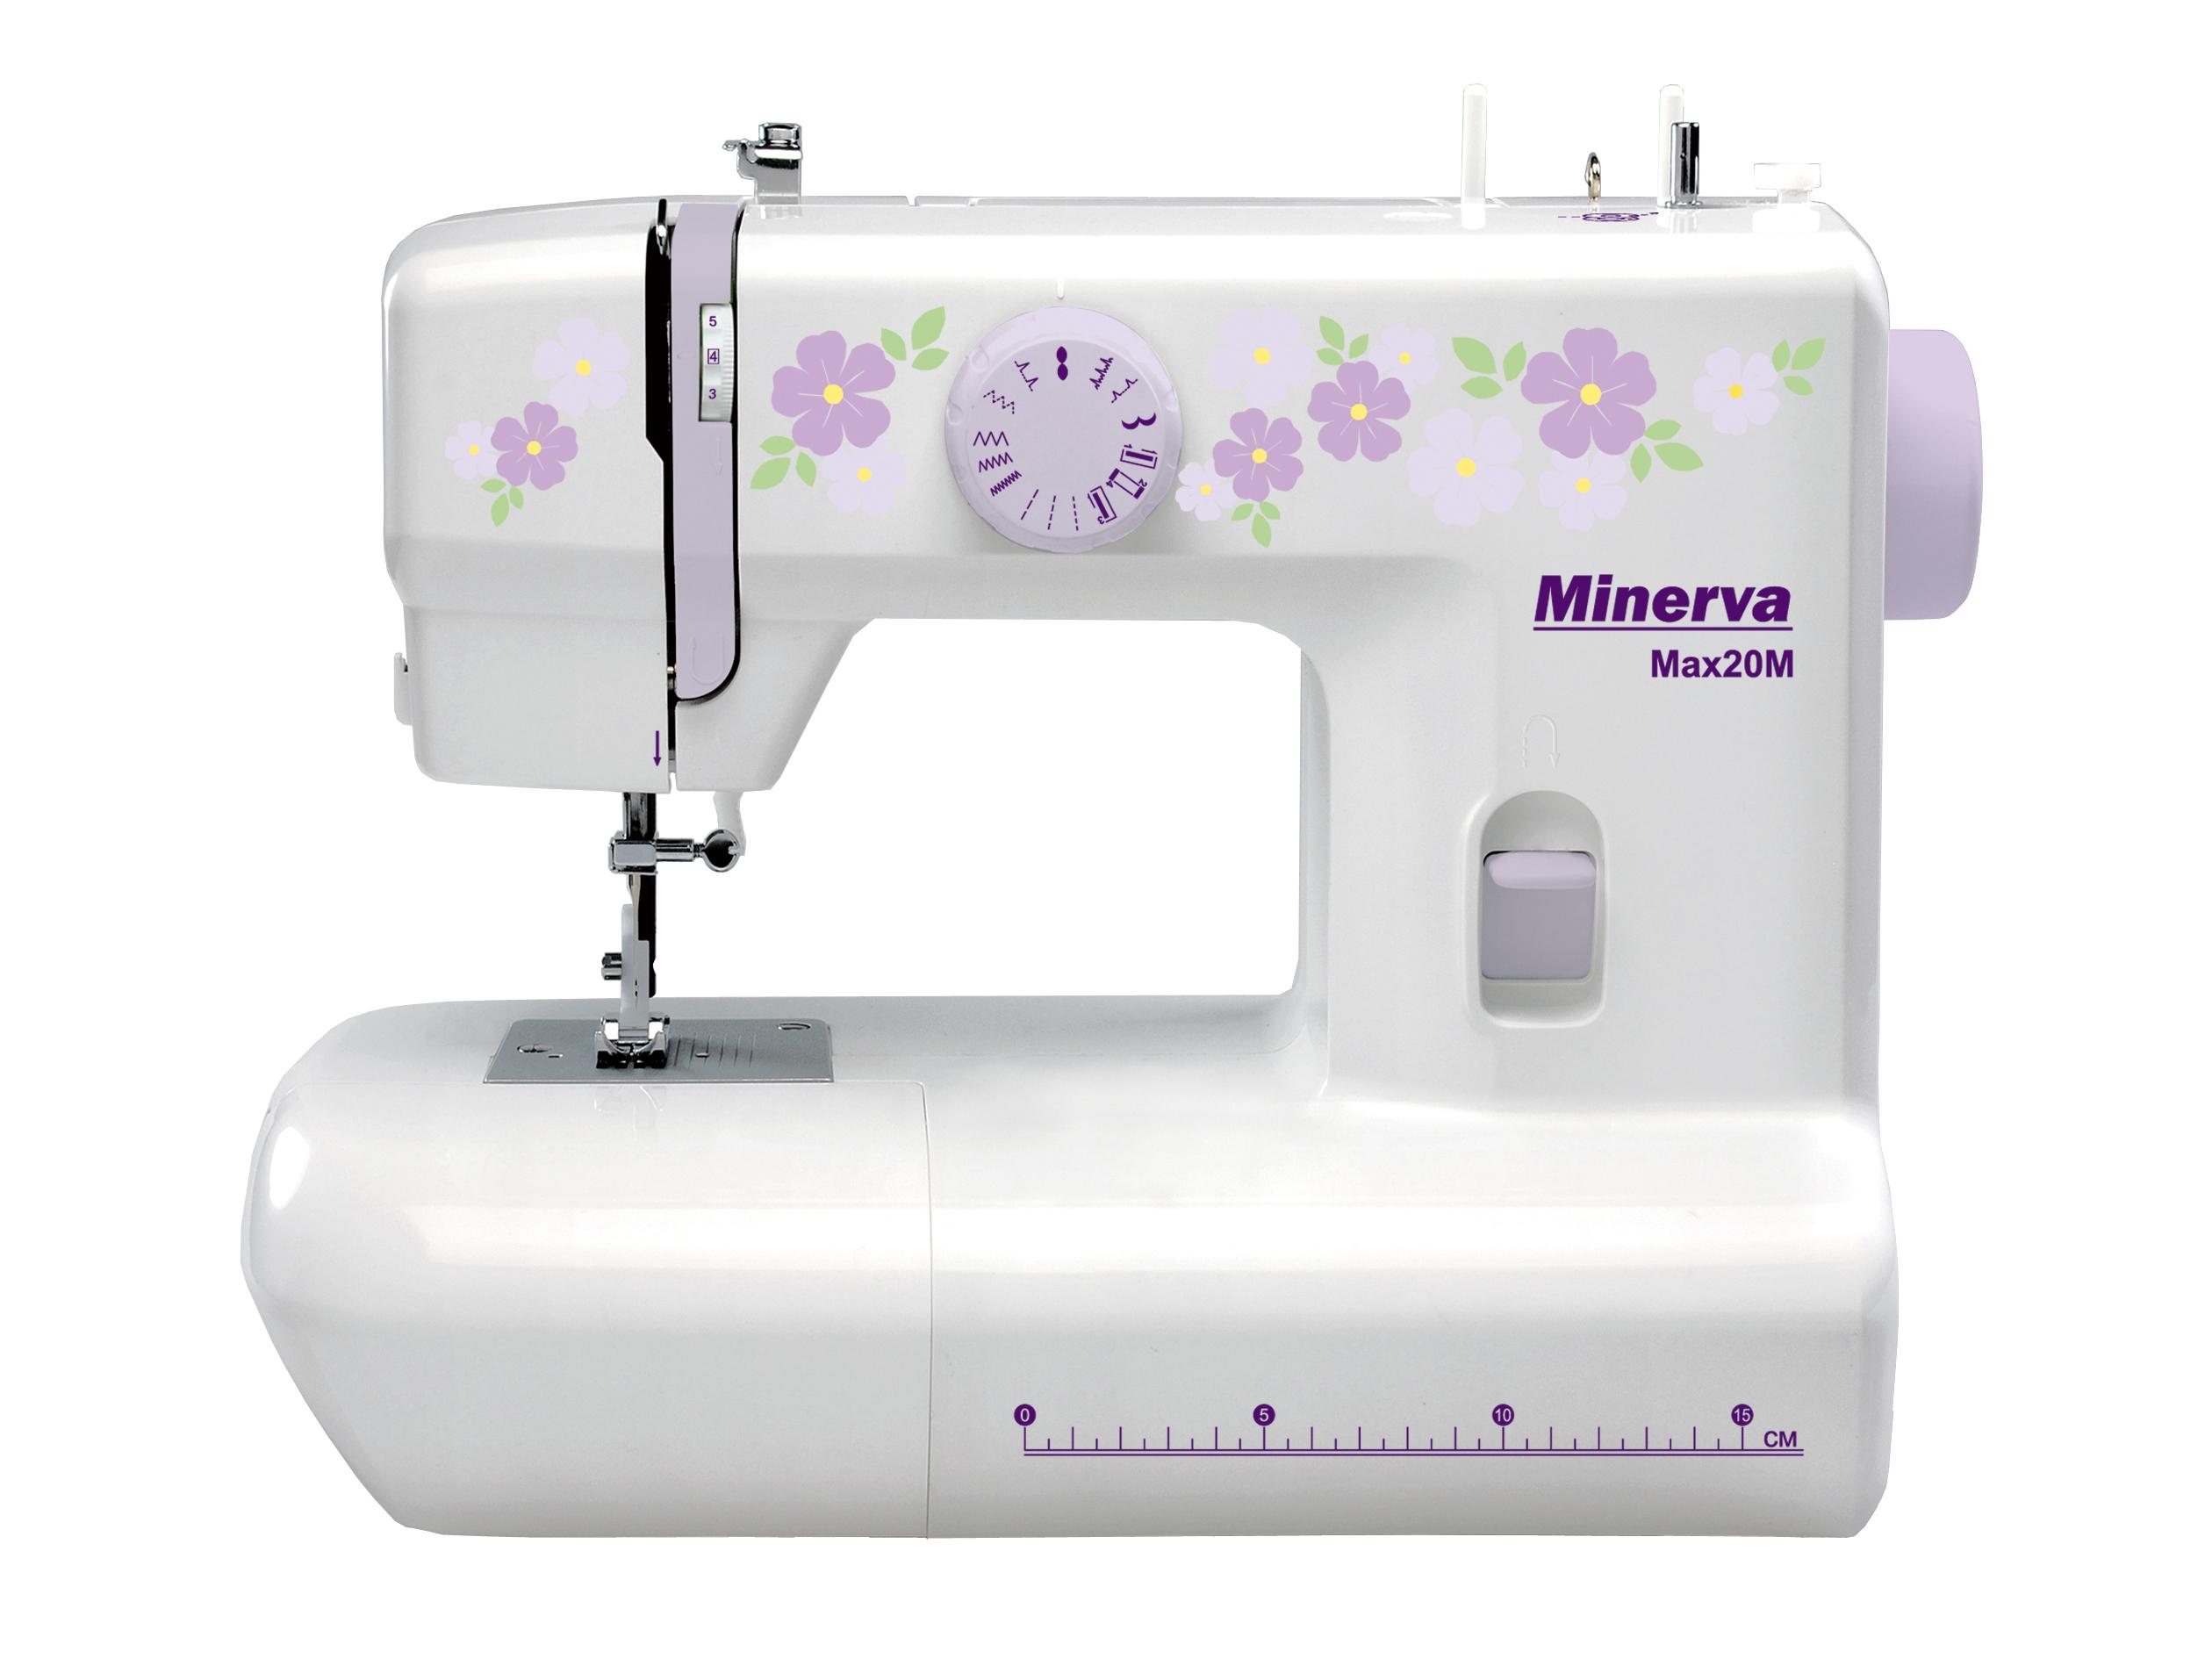 Чергова новинка від бренда Minerva! - фото 2 - новина в інтернет-магазині Sewgroup